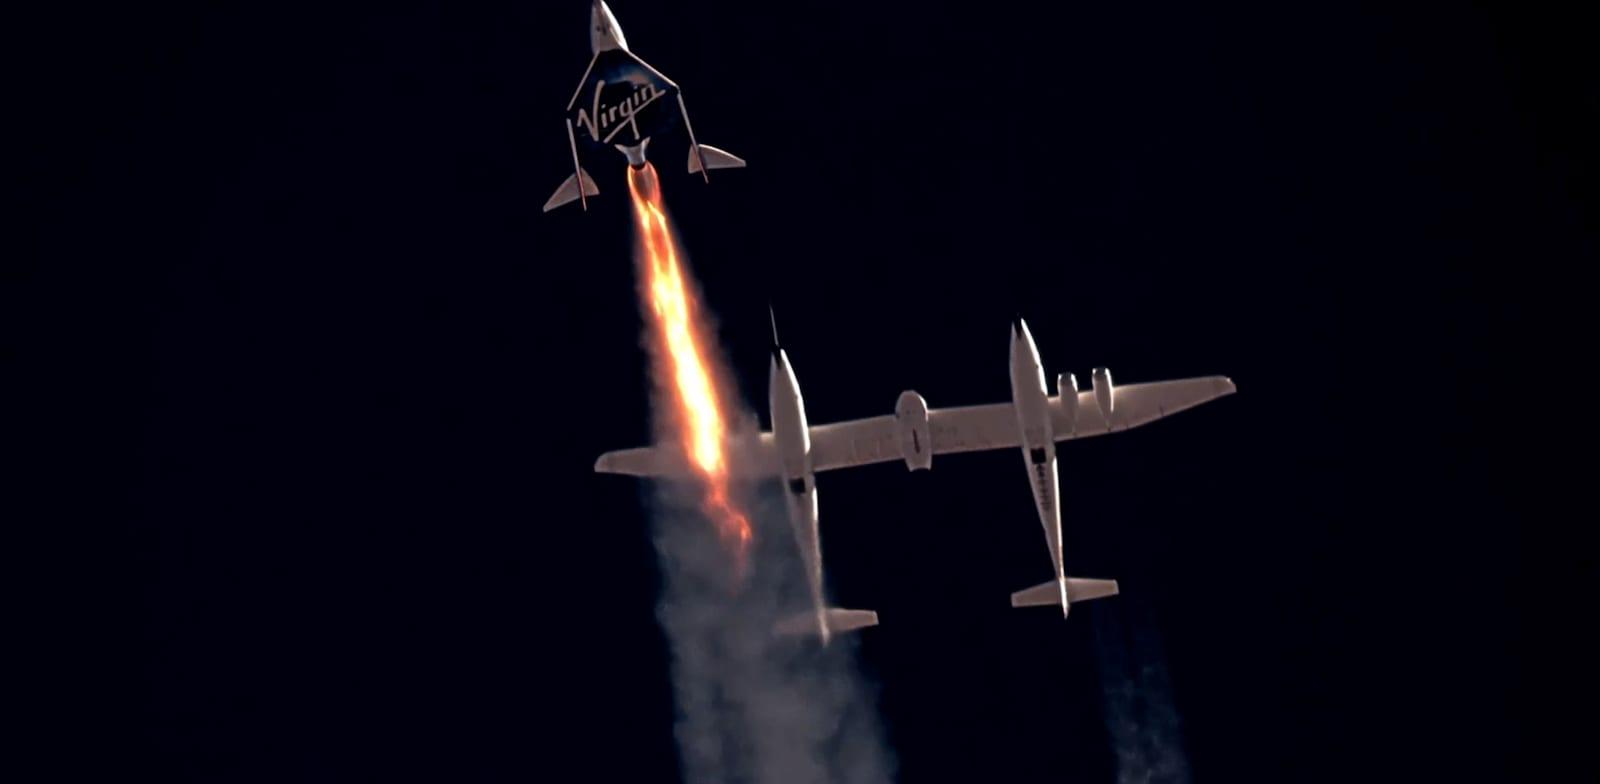 טיסת  Virgin Galactic  לחלל / צילום: Reuters